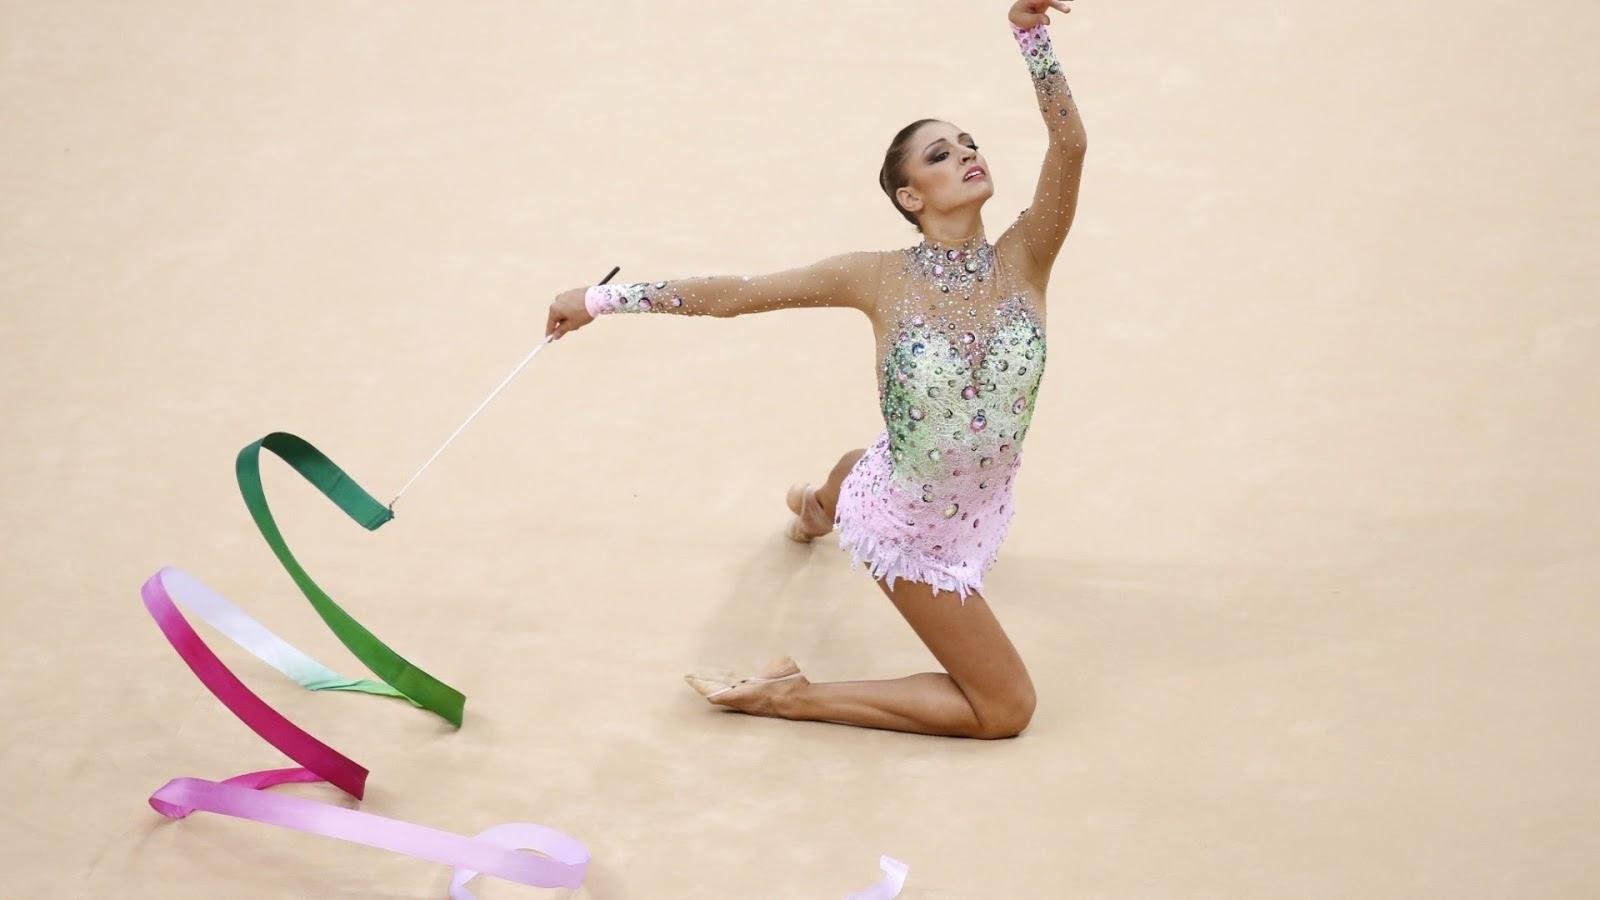 rio olympics 2016 rhythmic gymnastics schedule | olympics live